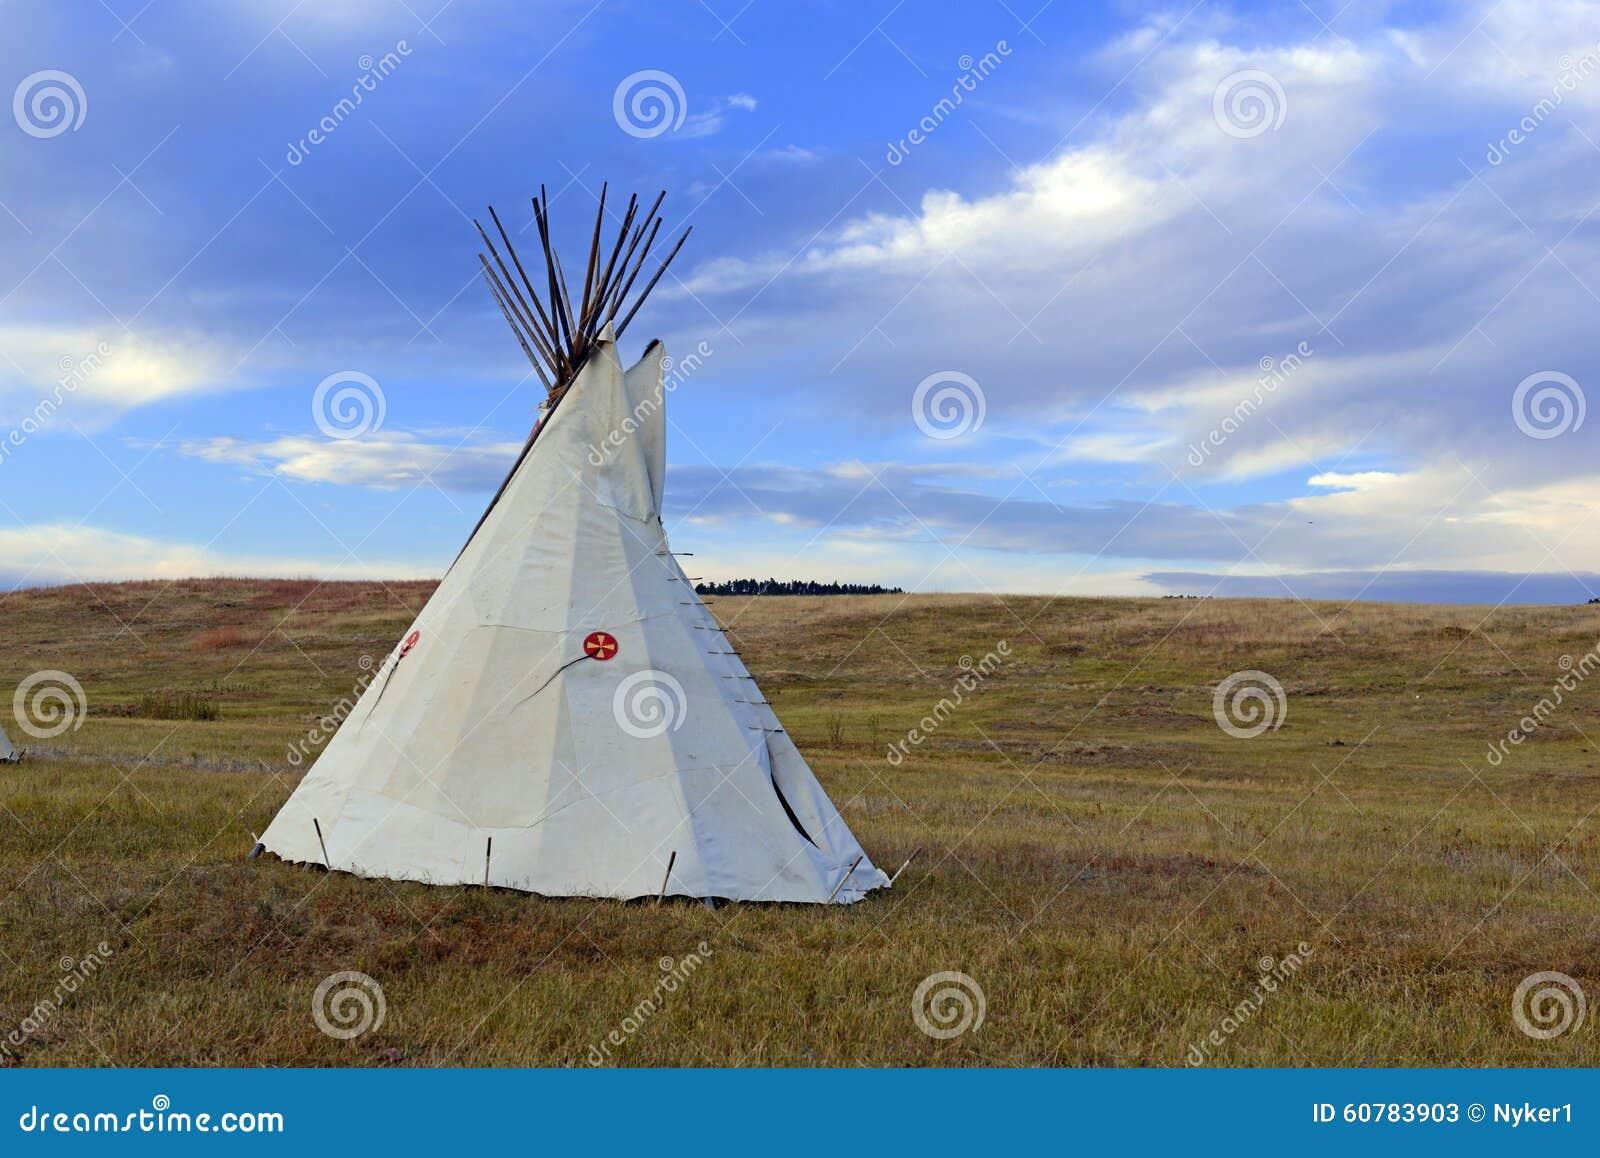 Tipi (tipi) zoals gebruikt door Inheemse Amerikanen in de Grote Vlaktes en het Amerikaanse westen